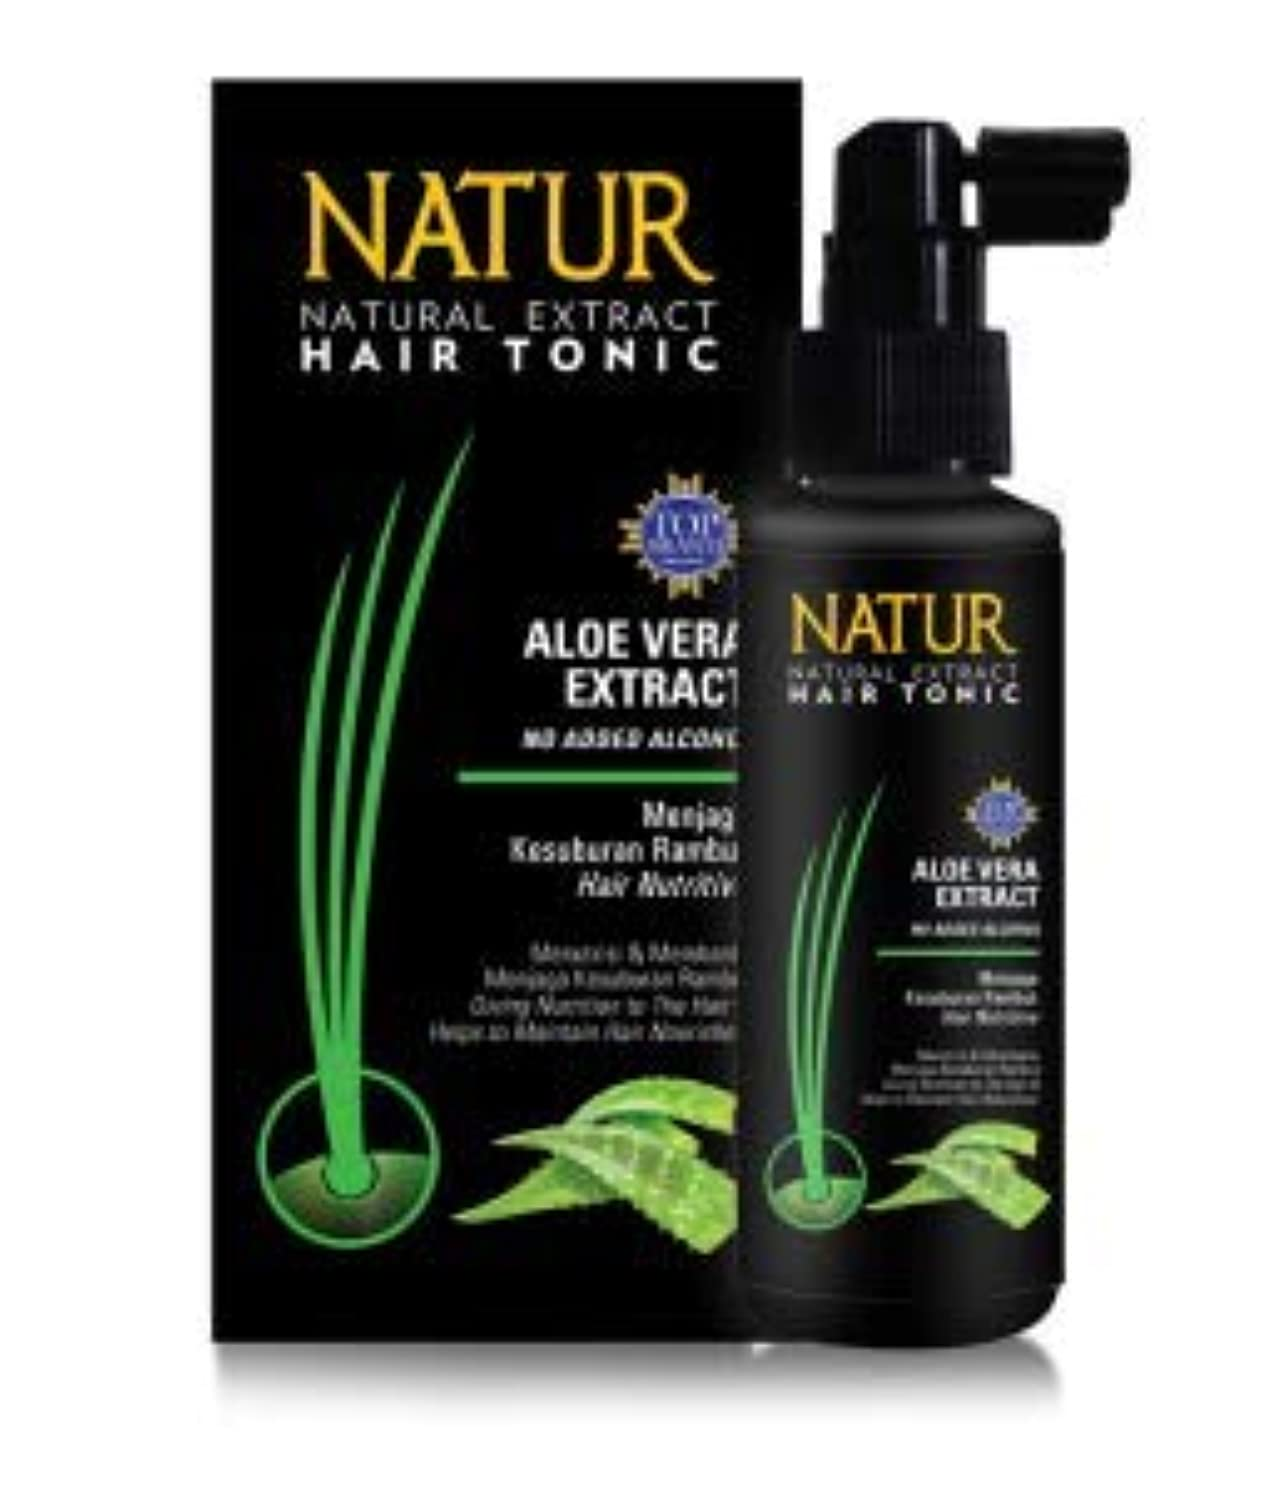 アブストラクトハーブリストNATUR ナトゥール 天然植物エキス配合 Hair Tonic ハーバルヘアトニック 90ml Aloe vera アロエベラ [海外直商品]